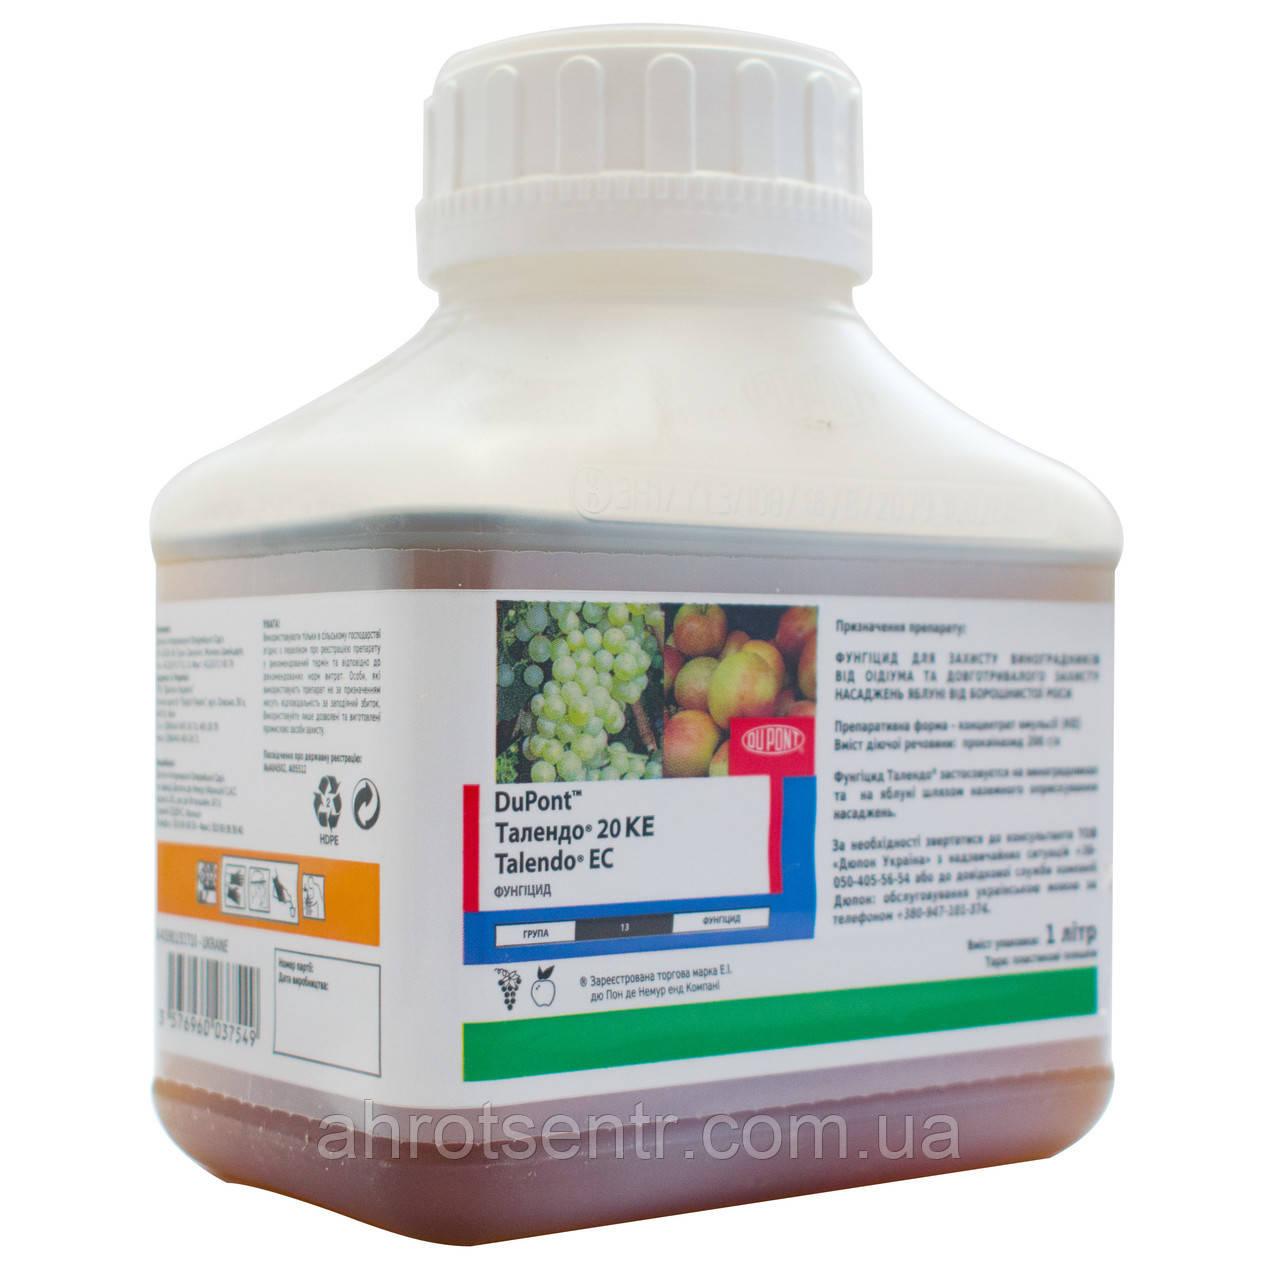 Фунгіцид Талендо 20% к. е. 250 мл (розлив), Du Pont (Дюпон) США для яблуні, винограду від борошнистої роси,